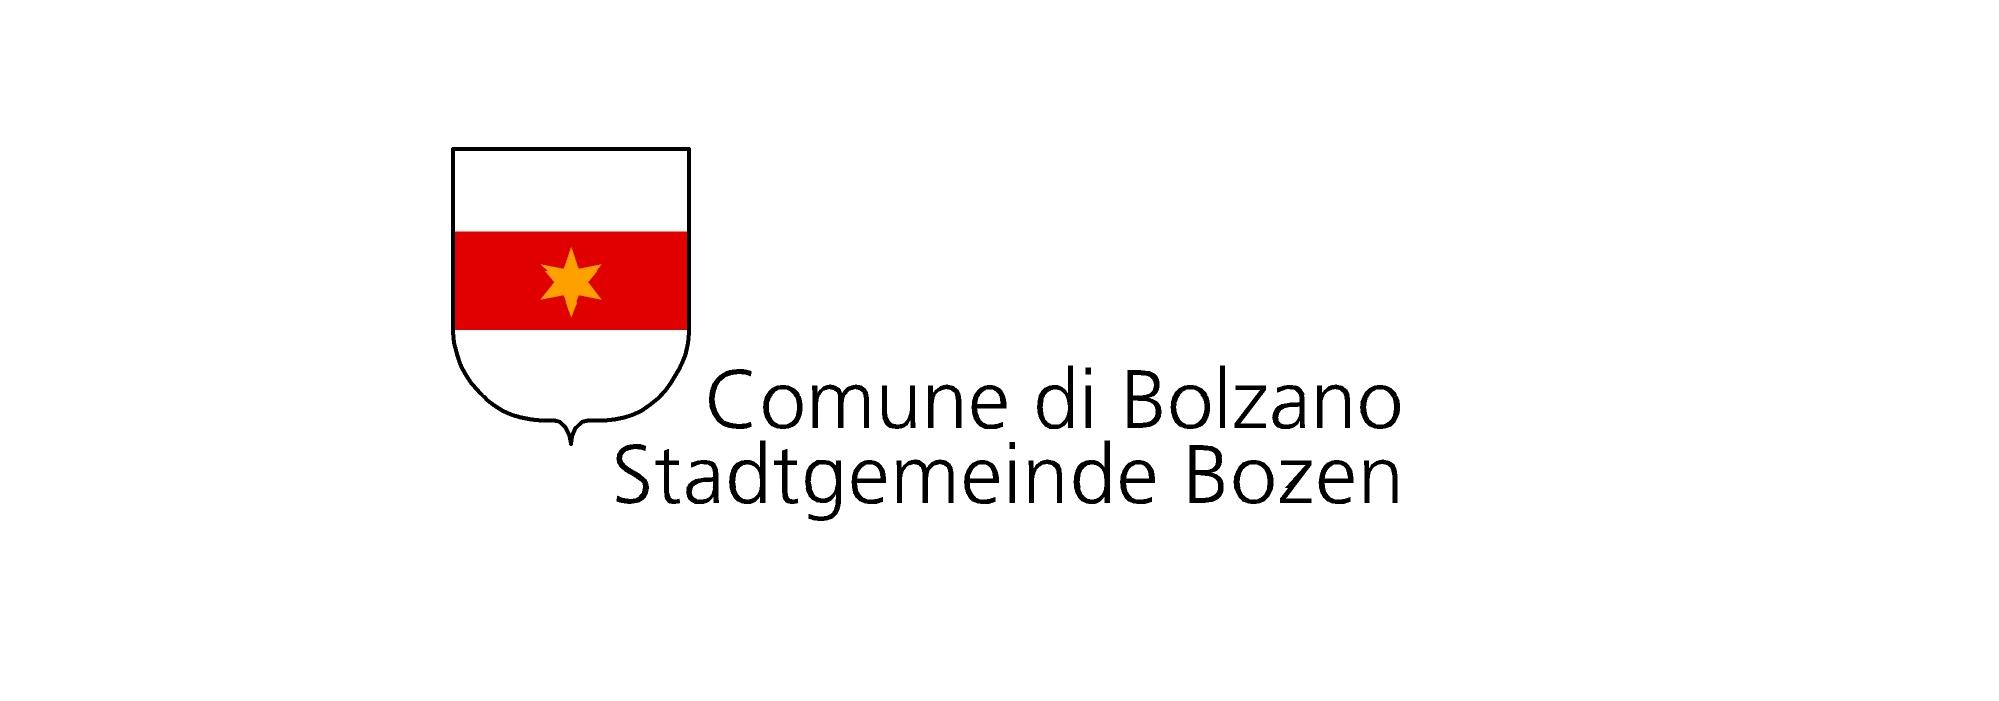 Comune di Bolzano - Ride With Us